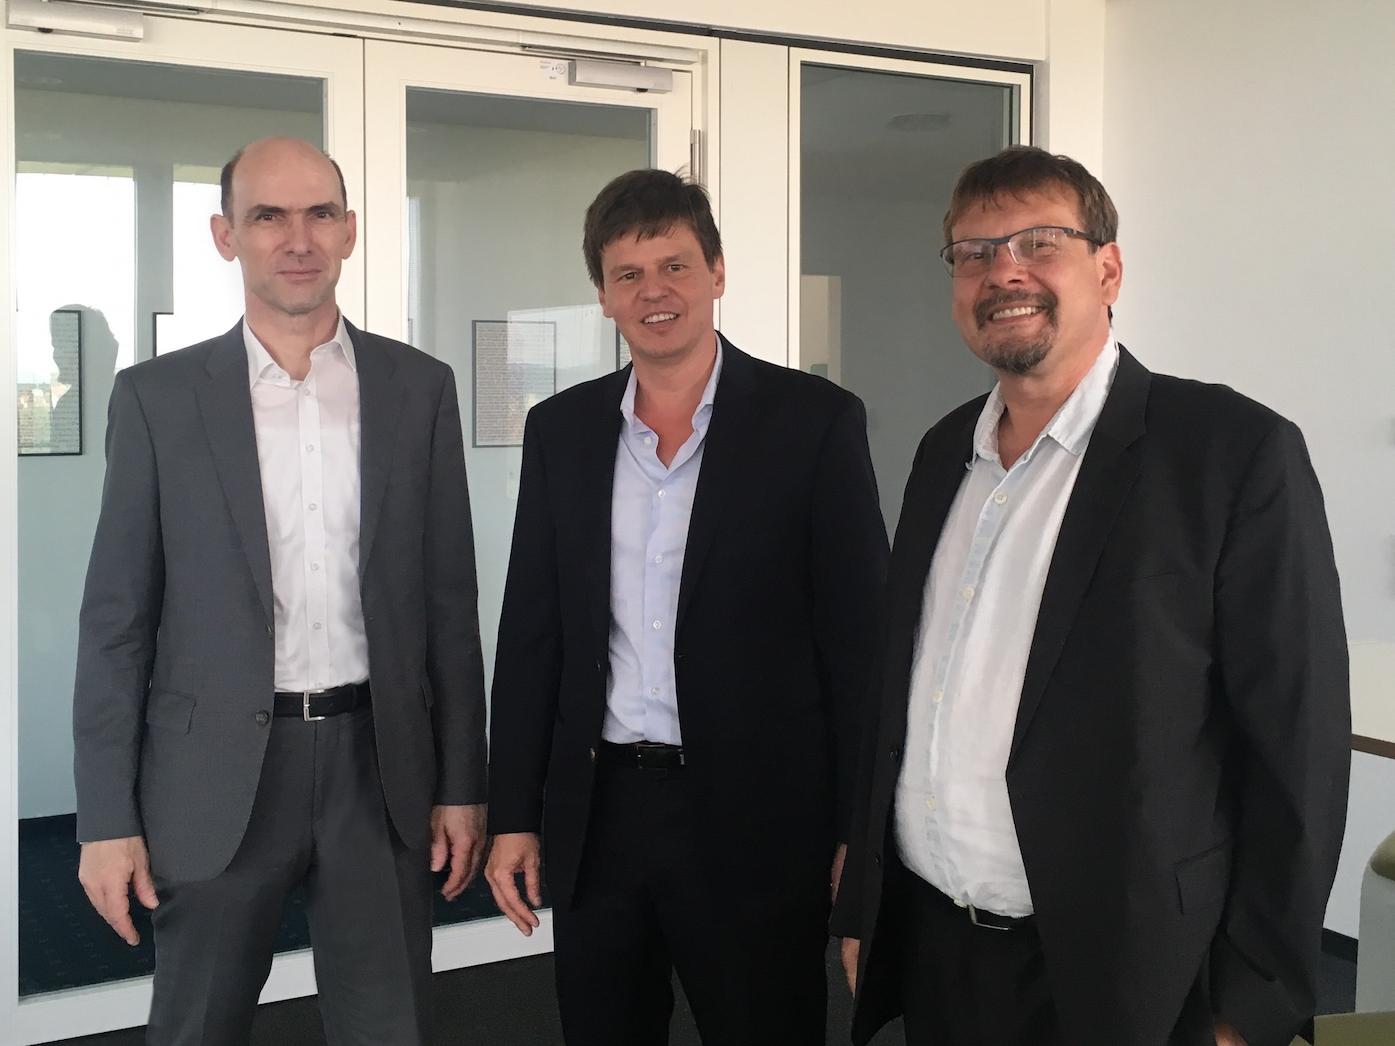 Henning Schulze-Lauen, Thorsten Boeckers und Bernd Kratz